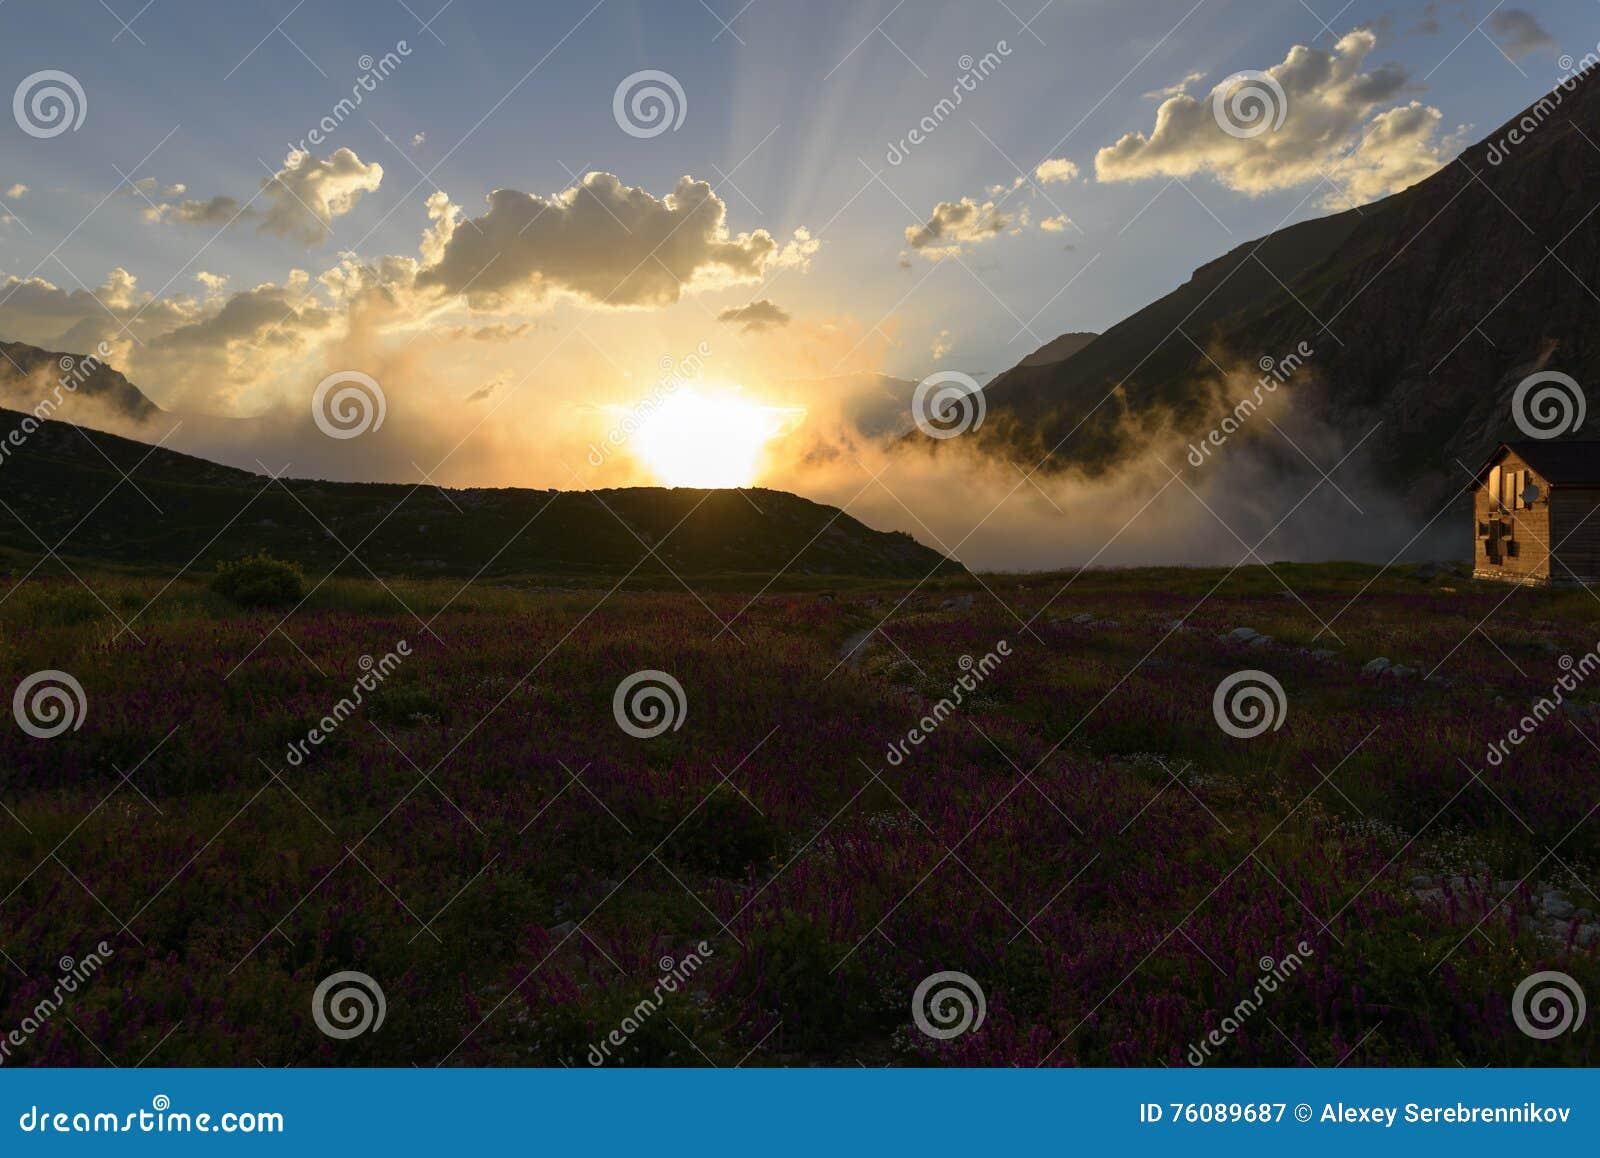 La hutte de montagne sur le champ se développant en soleil rayonne au coucher du soleil